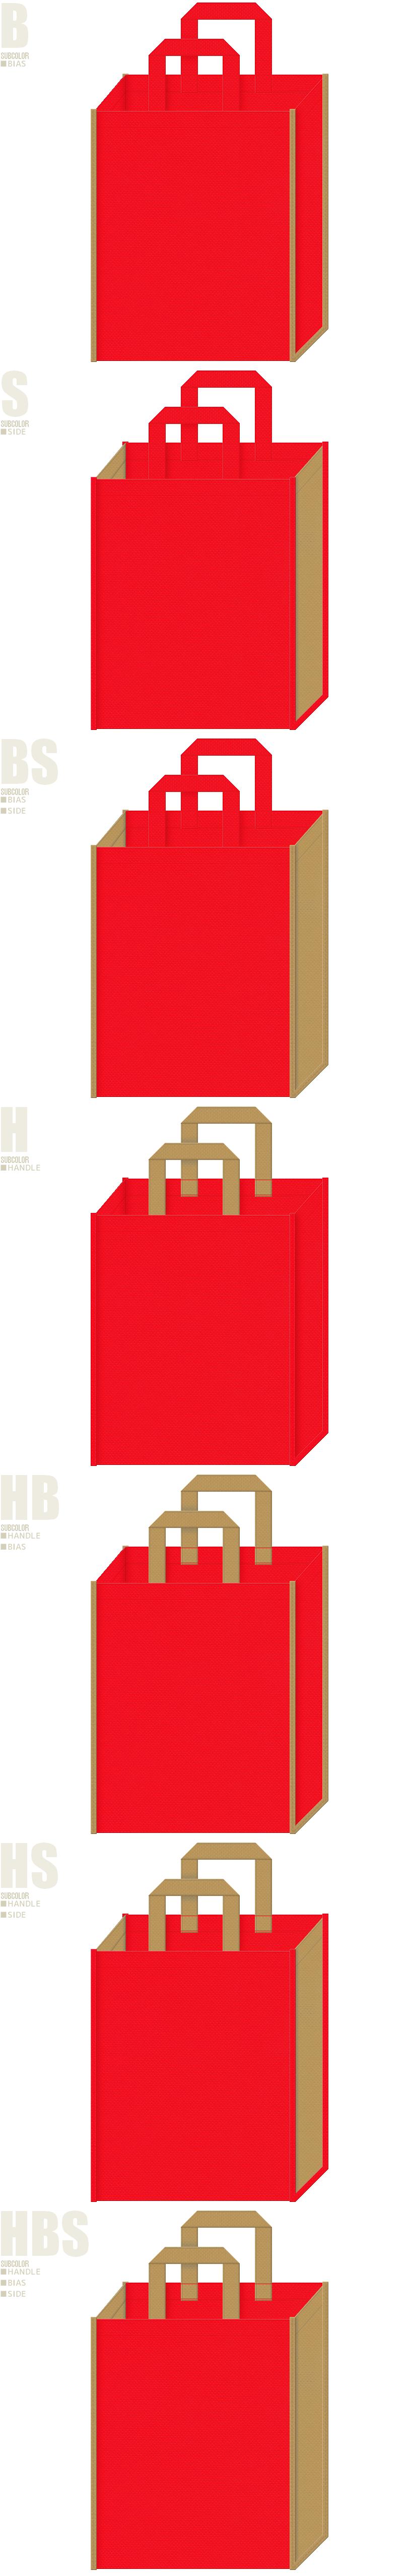 赤鬼・節分・大豆・一合枡・御輿・お祭り・和風催事・福袋にお奨めの不織布バッグデザイン:赤色と金黄土色の配色7パターン